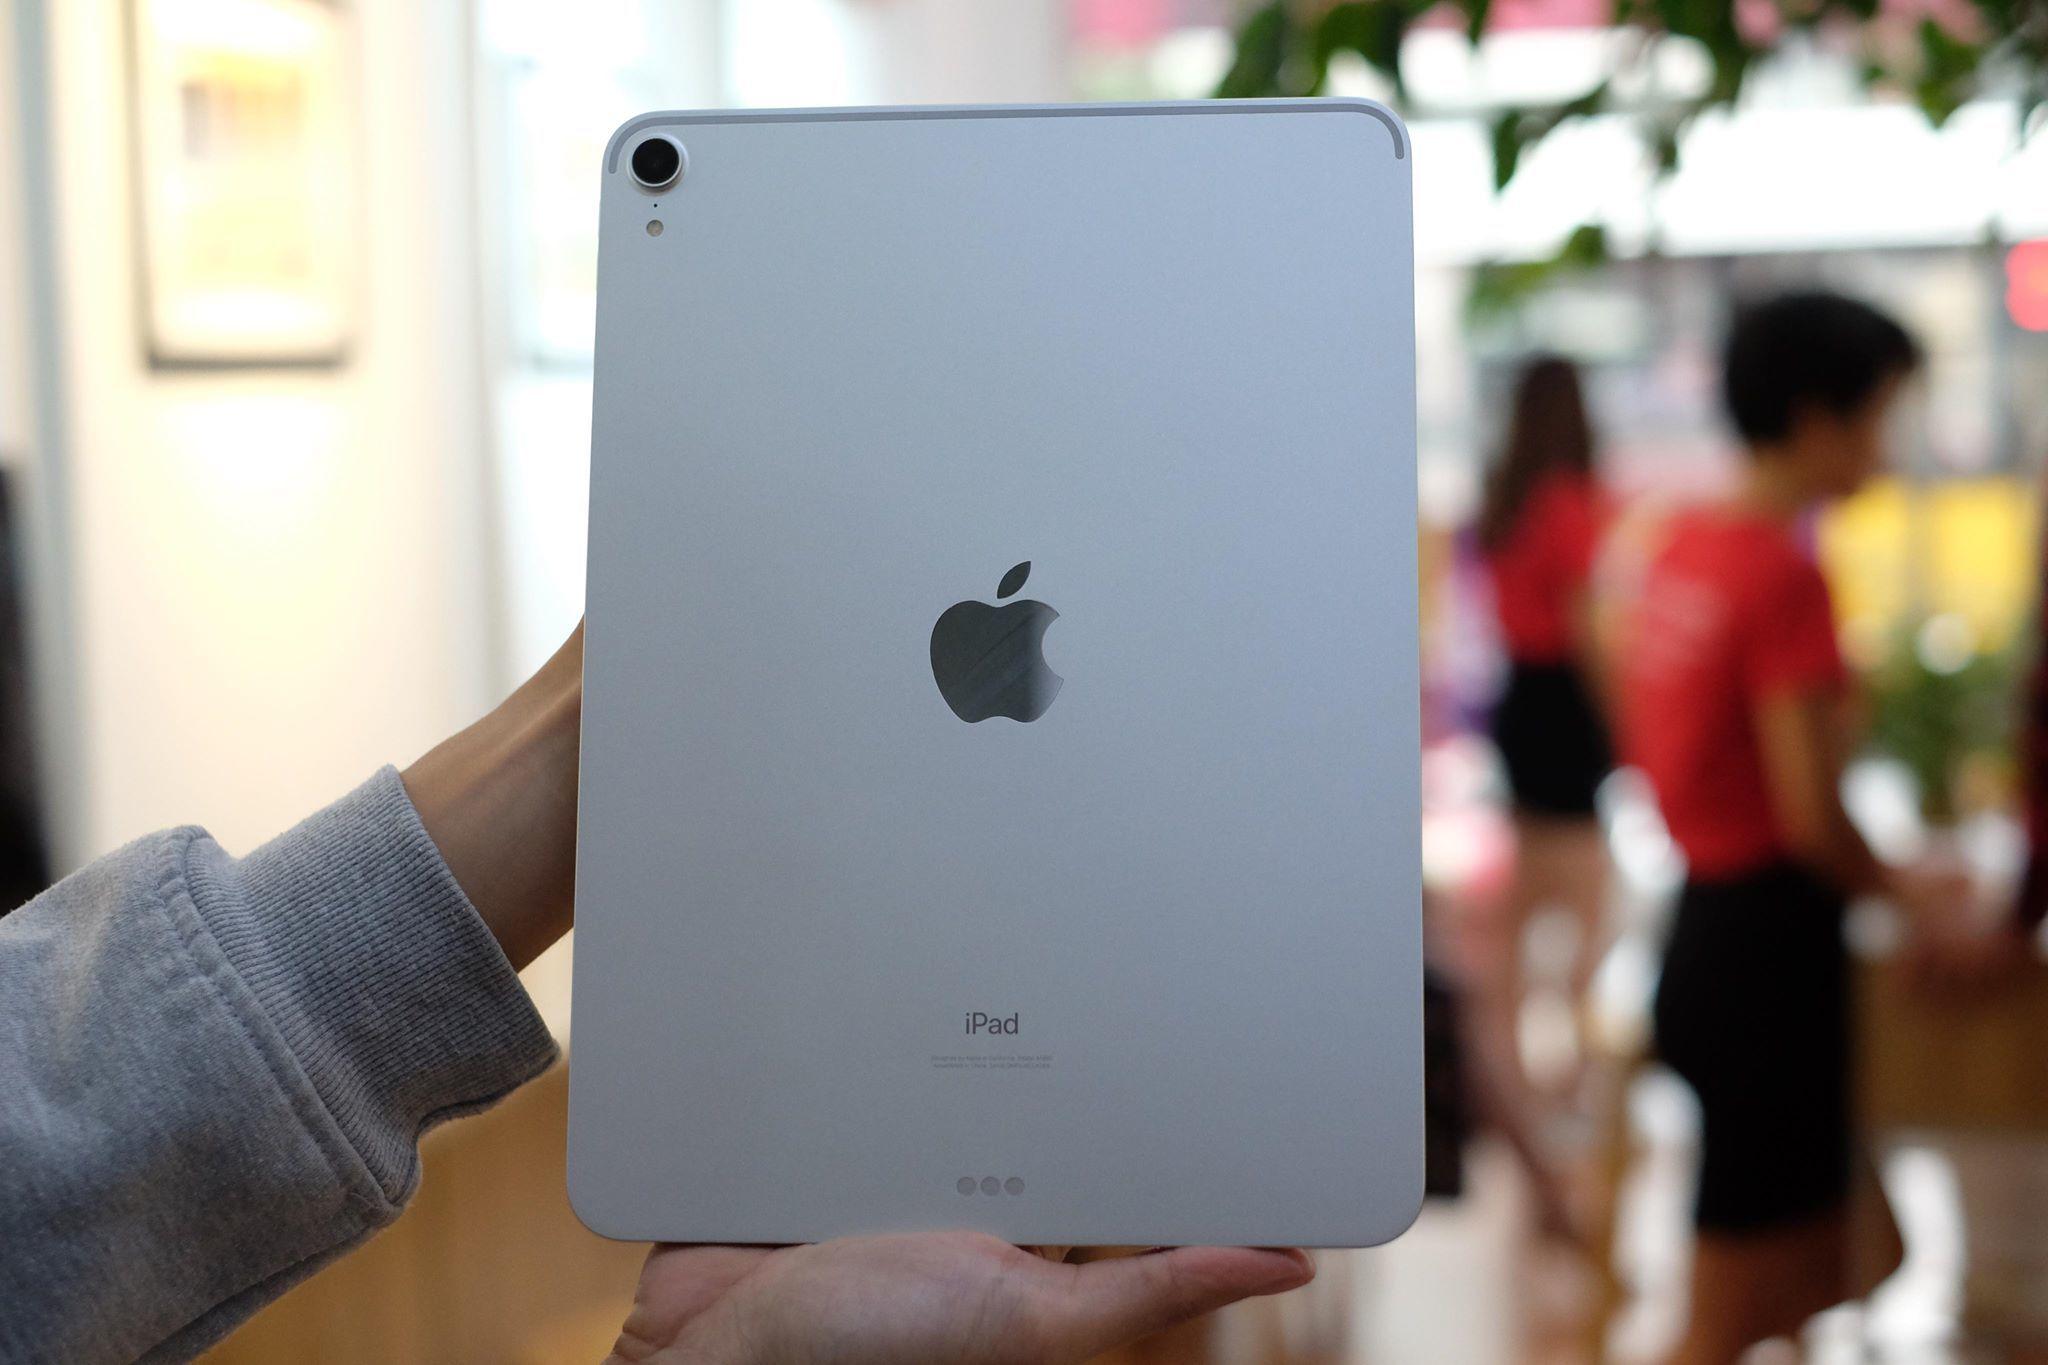 Theo đơn vị nhập về mẫu máy này, đây là chiếc iPad Pro phiên bản 64GB, chỉ có WiFi và không Mobile Internet. Máy sẽ được bán ra với mức giá 22,5 triệu đồng.